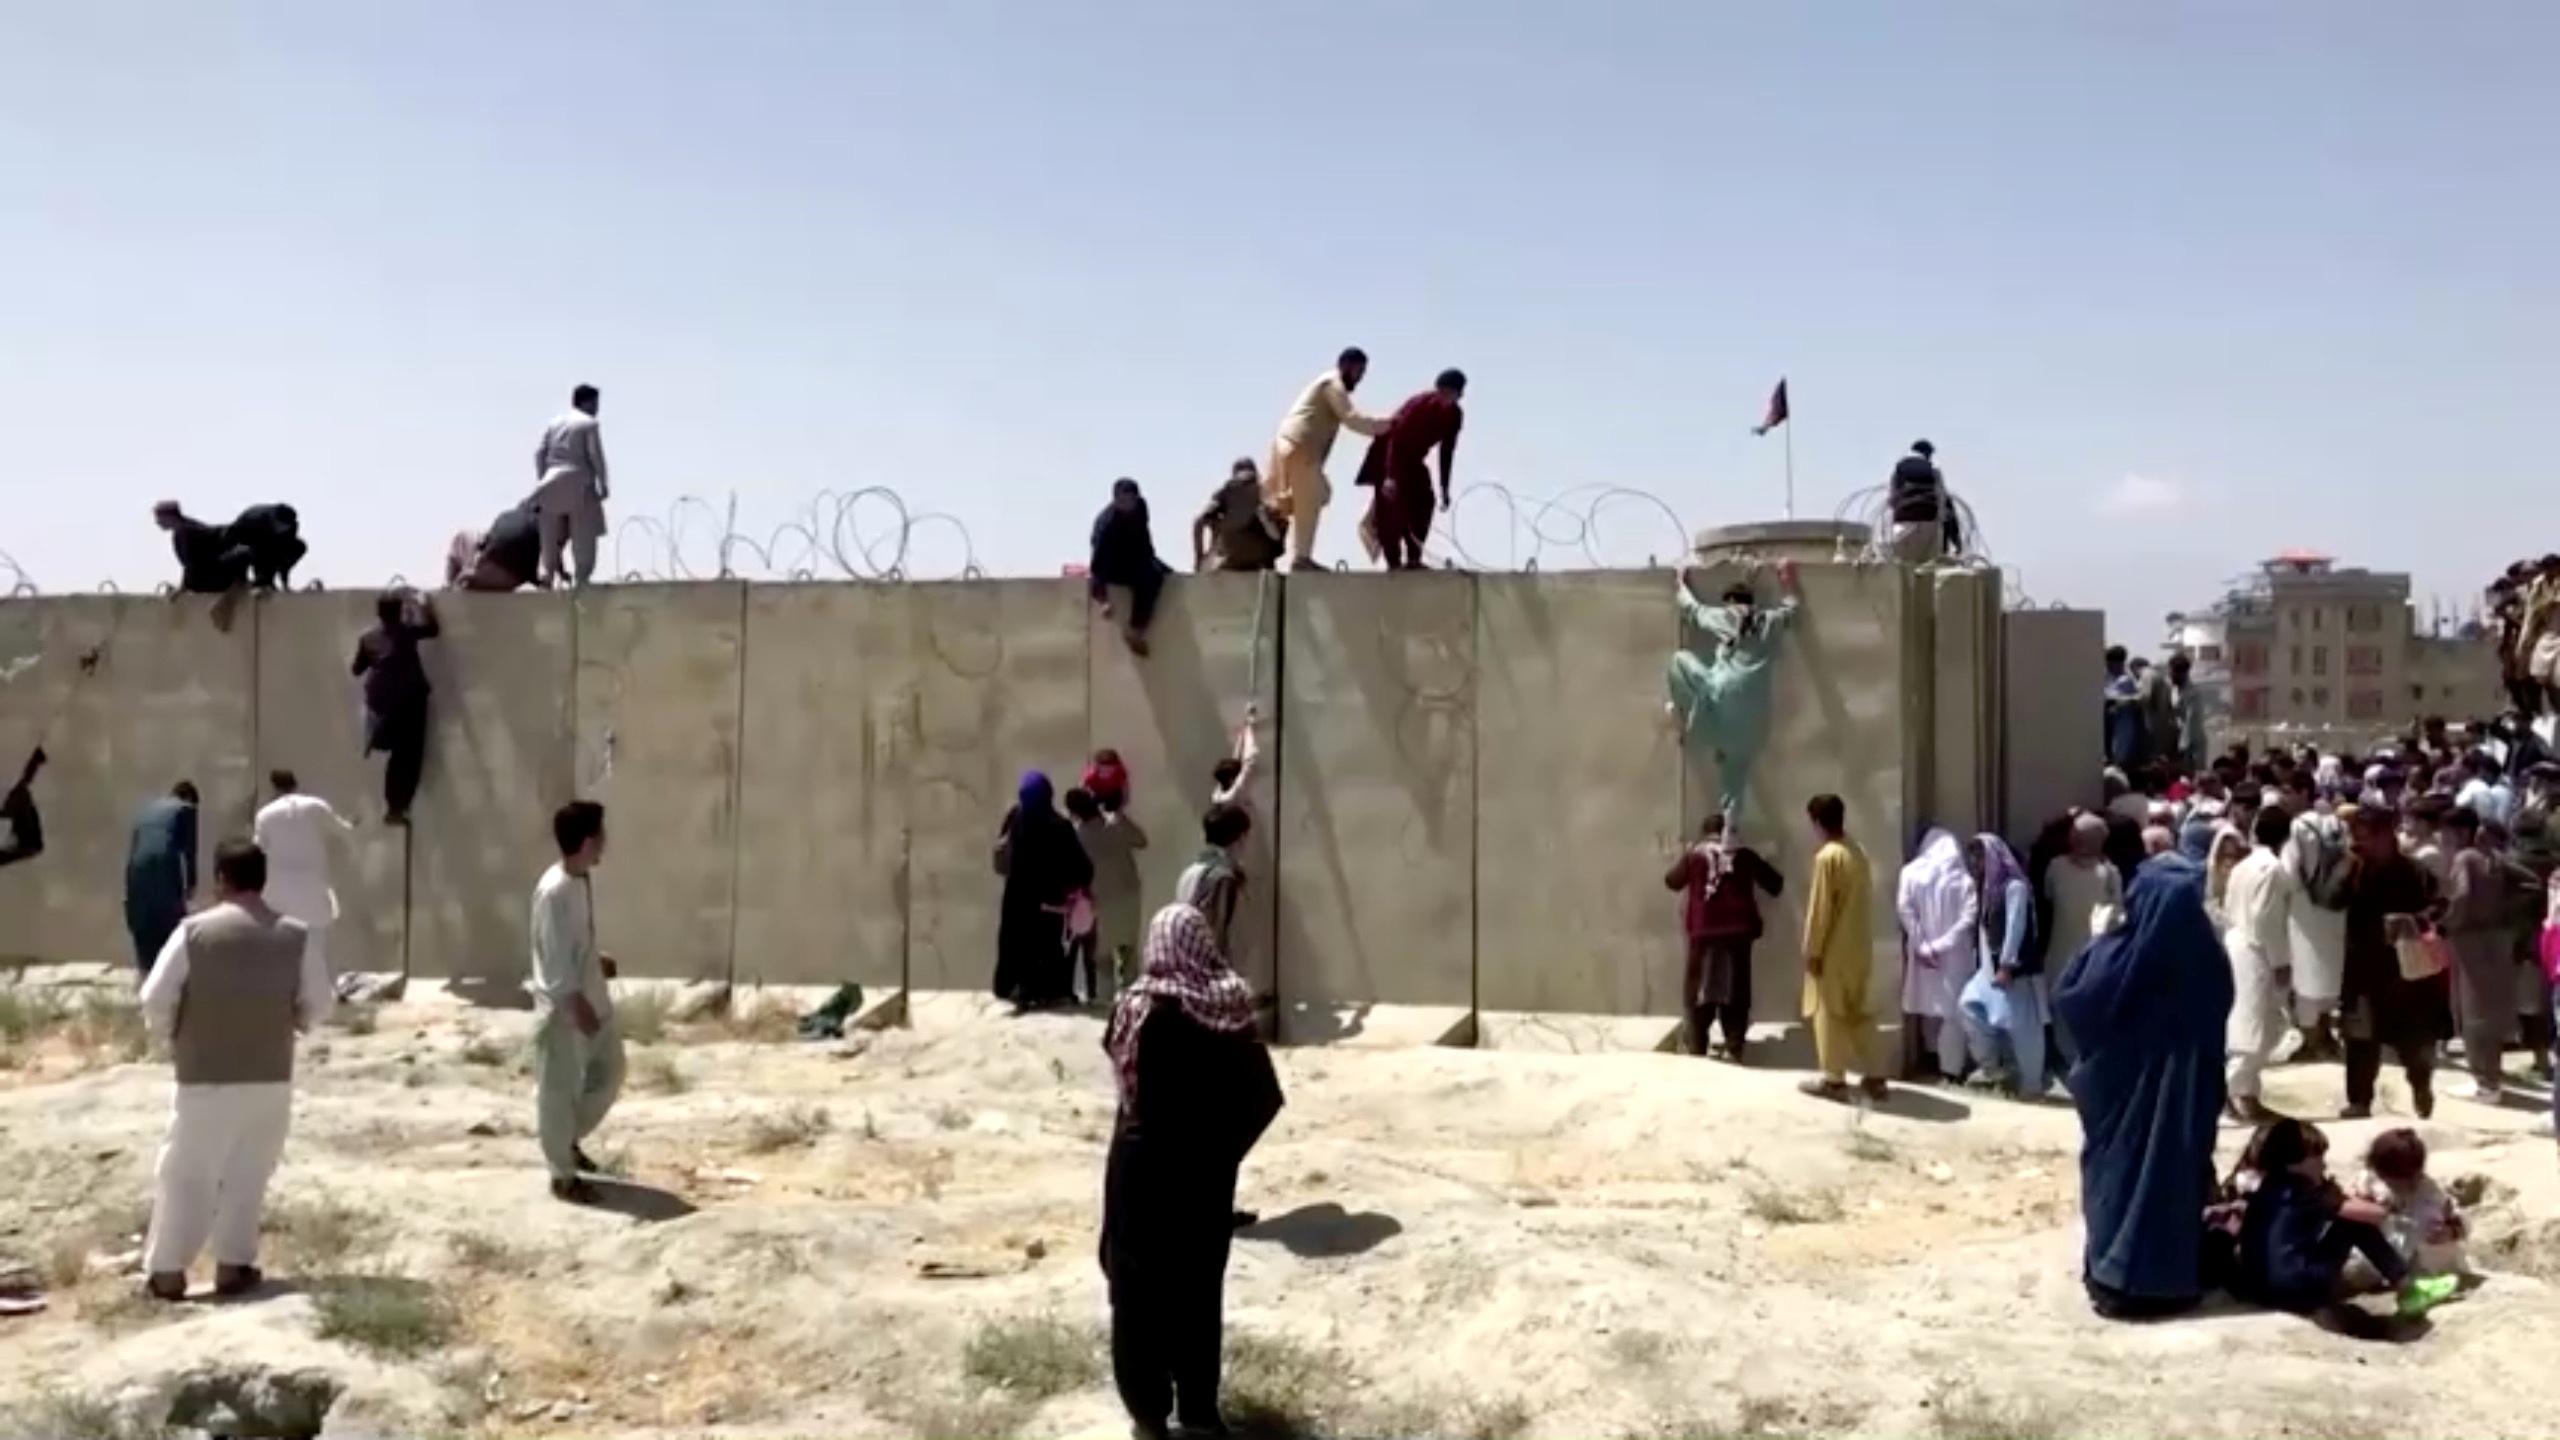 Οι Ταλιμπάν δεν θα έχουν πρόσβαση στα αποθέματα της αφγανικής κεντρικής τράπεζας στις Ηνωμένες Πολιτείες